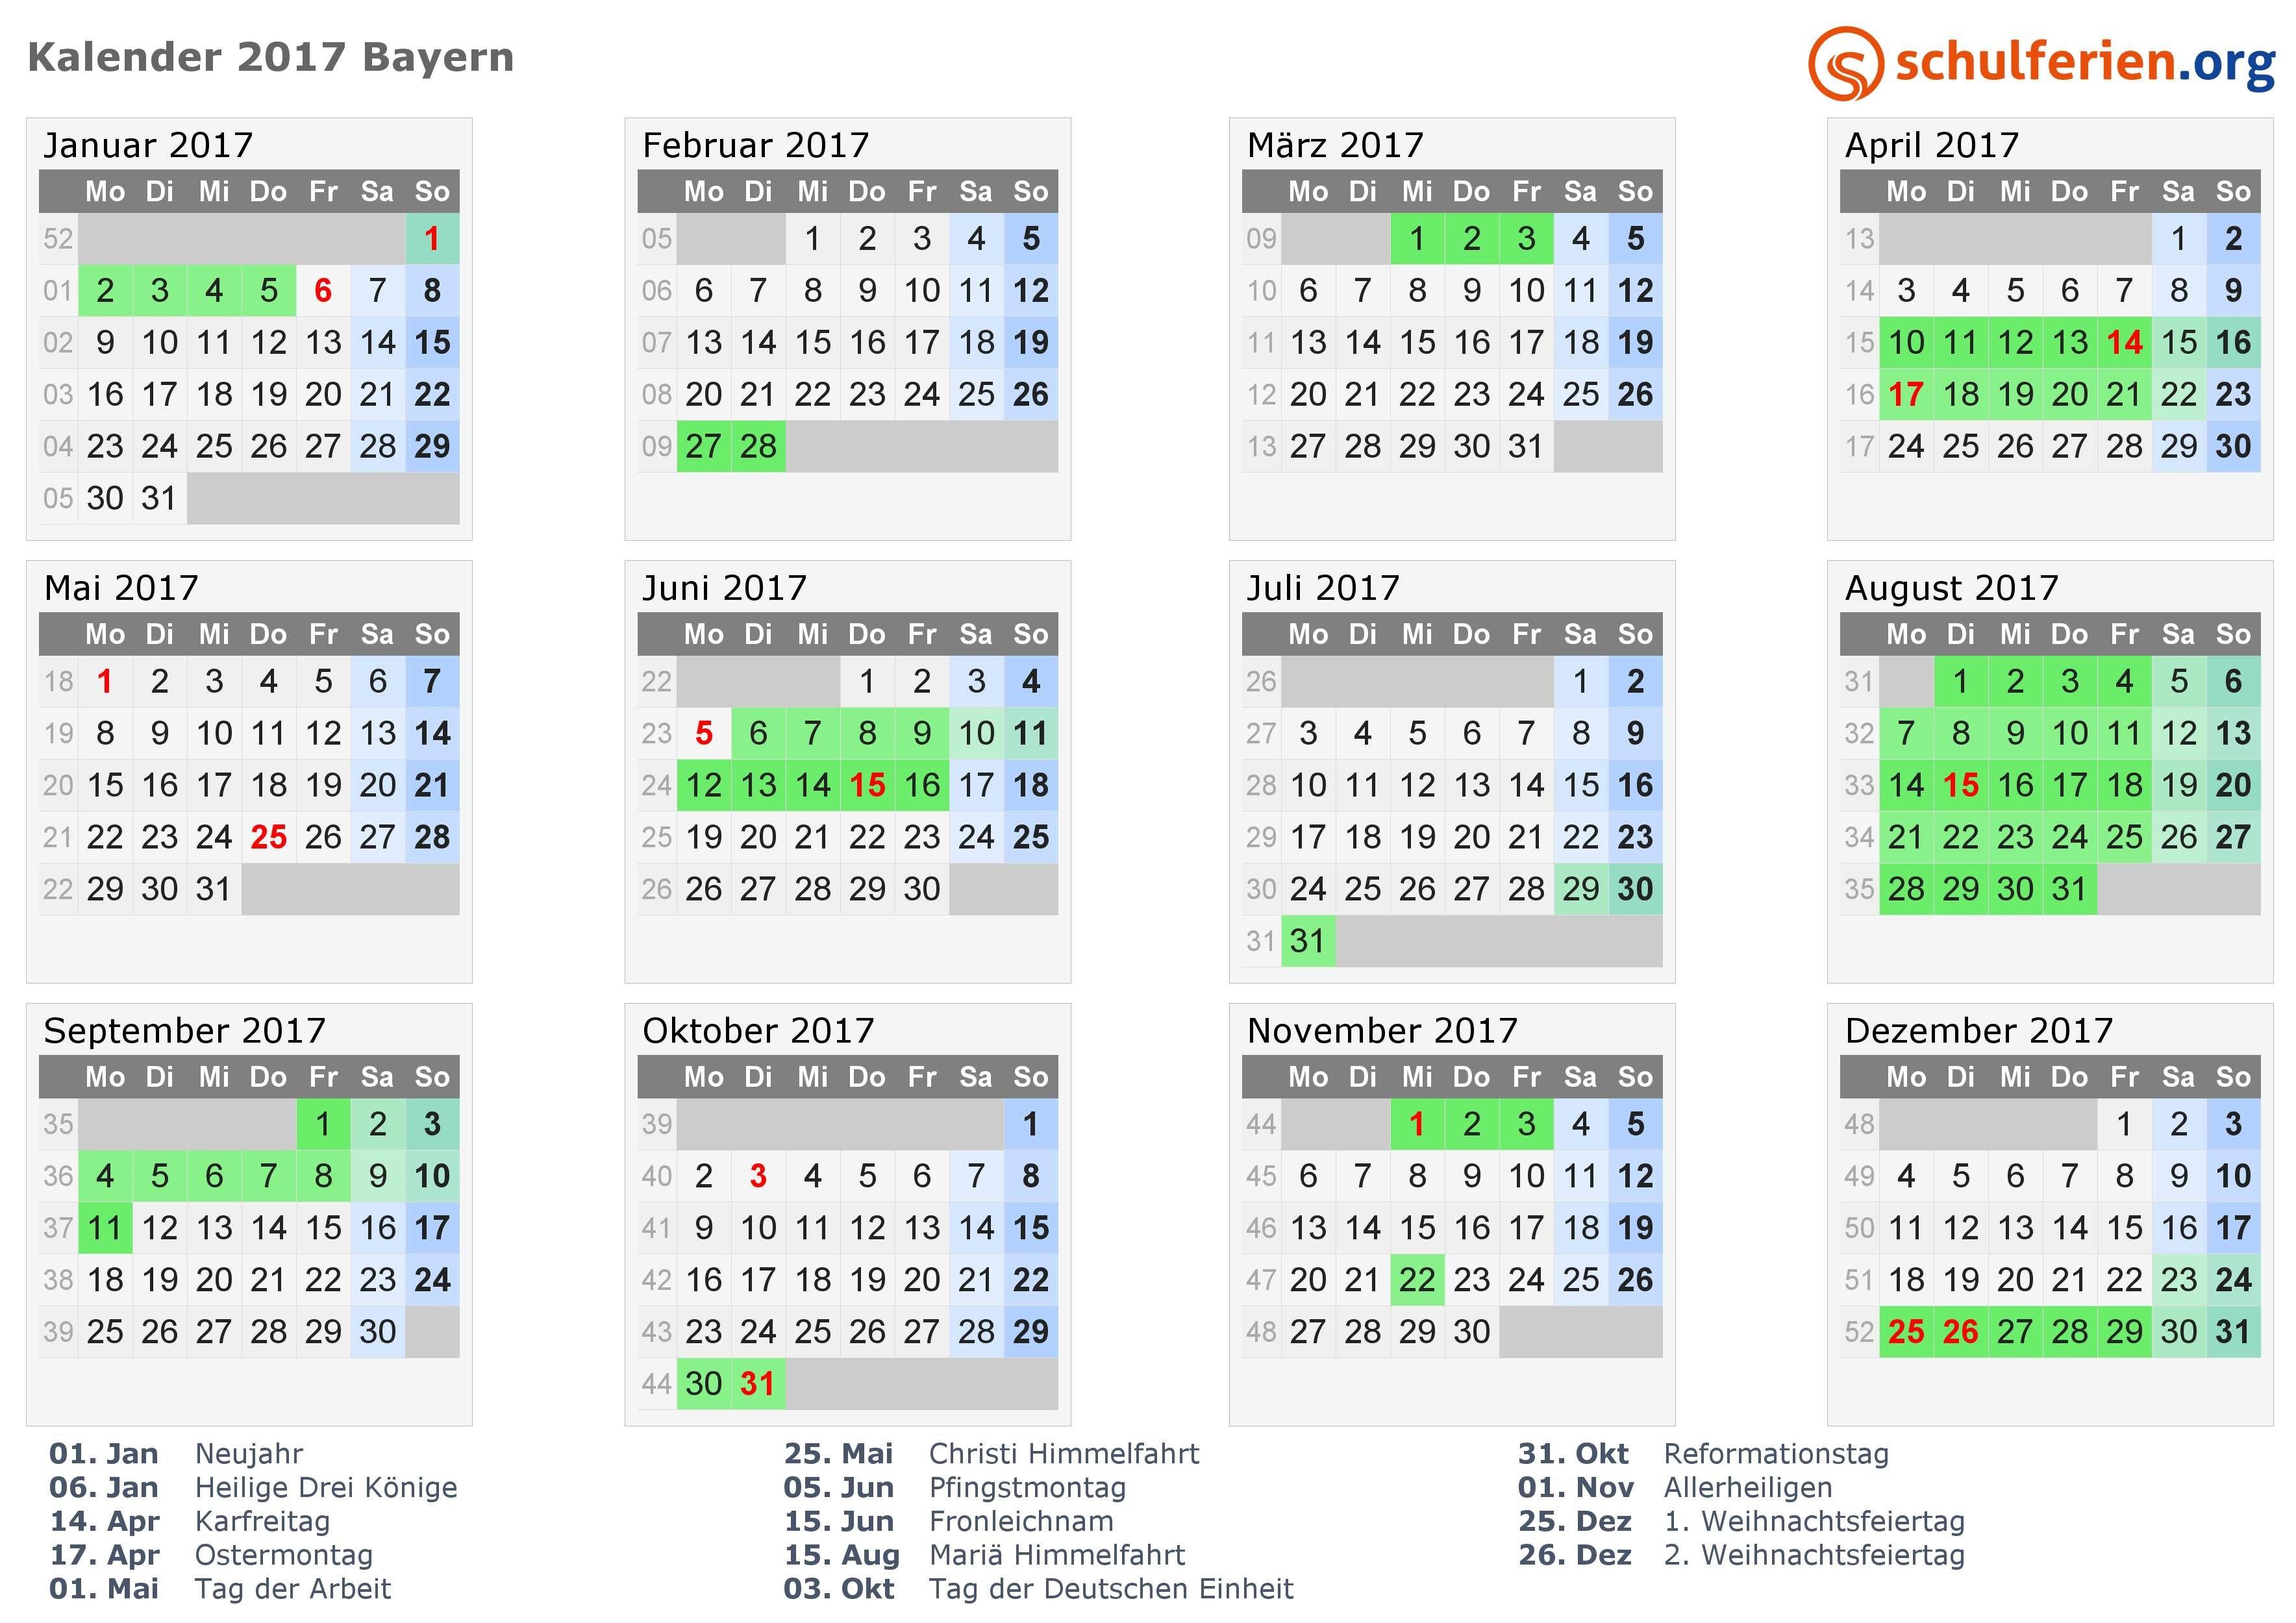 Kalender 2017 Ferien Bayern Feiertage Design ideen Von Ferien Weihnachten 2017 32 Elegant Ferien